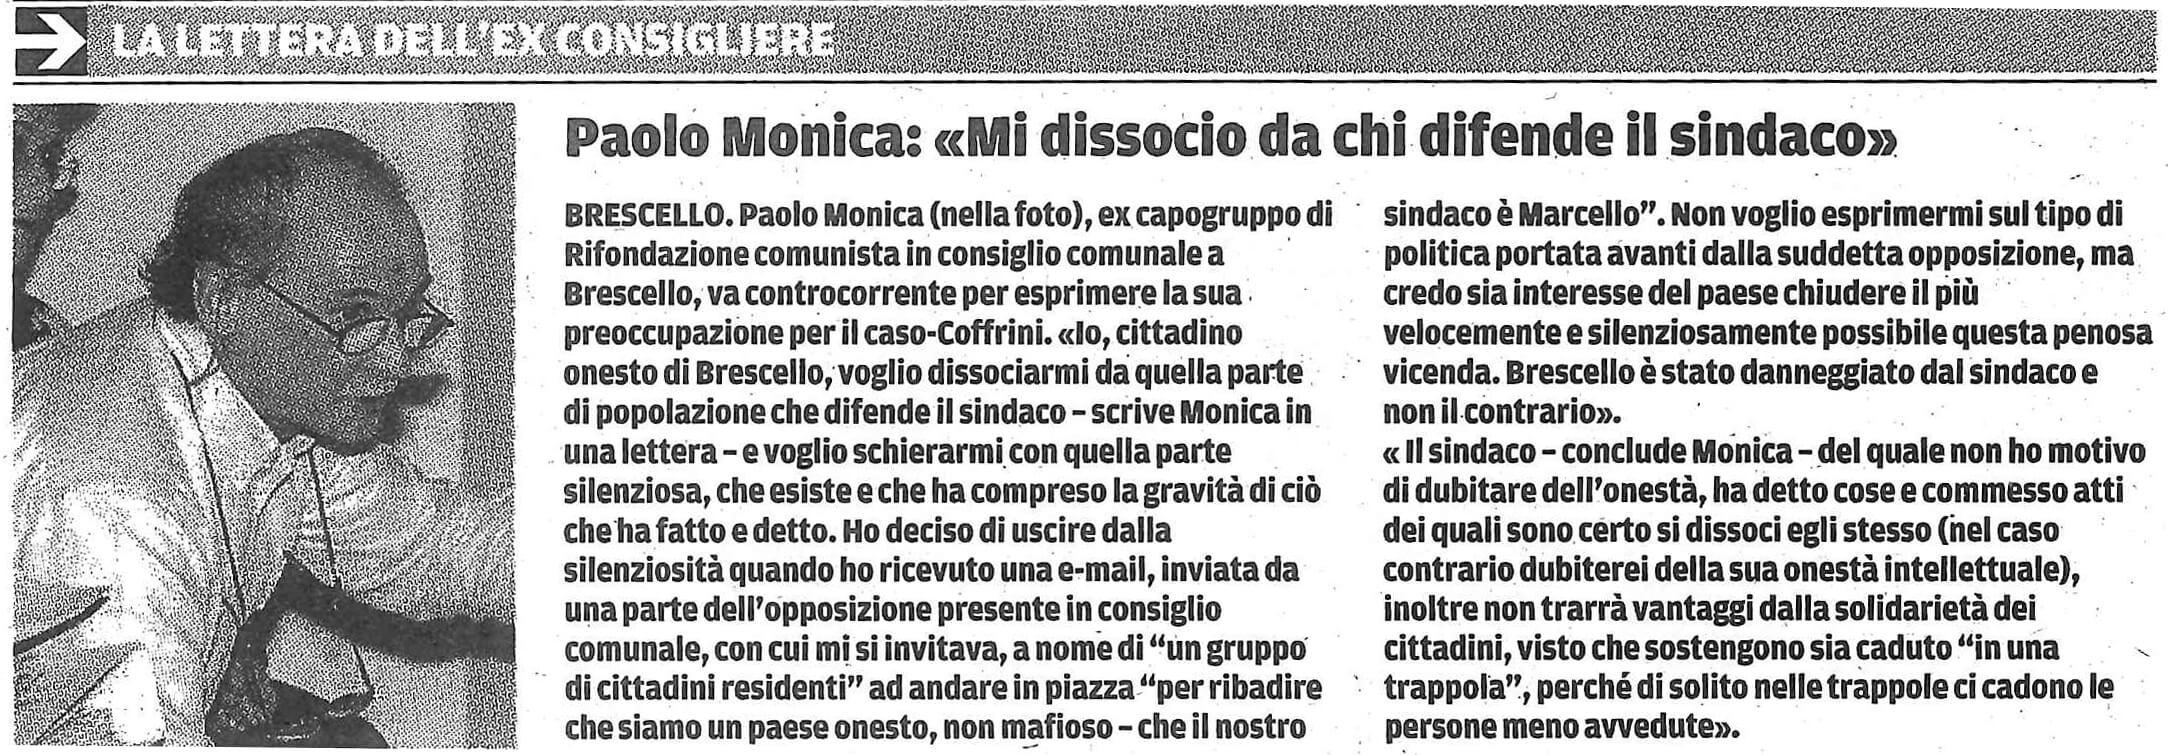 Monica: mi dissocio